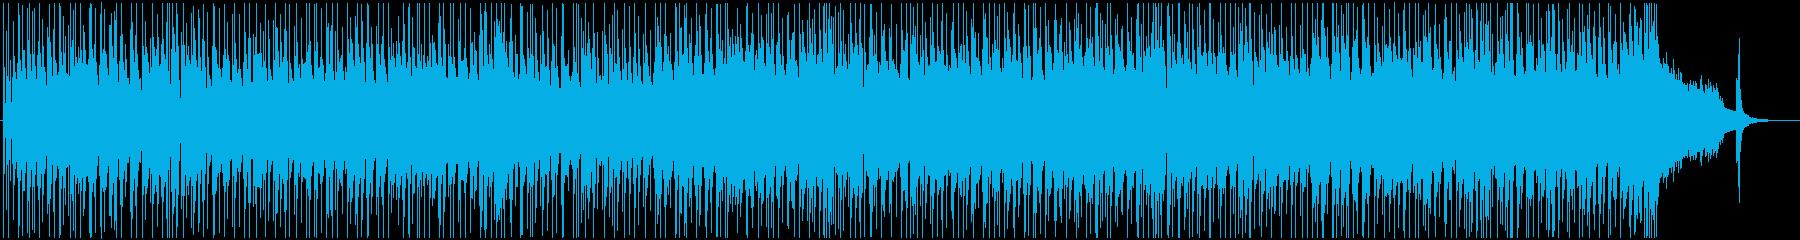 爽やかで可愛らしいチェレスタのポップスの再生済みの波形